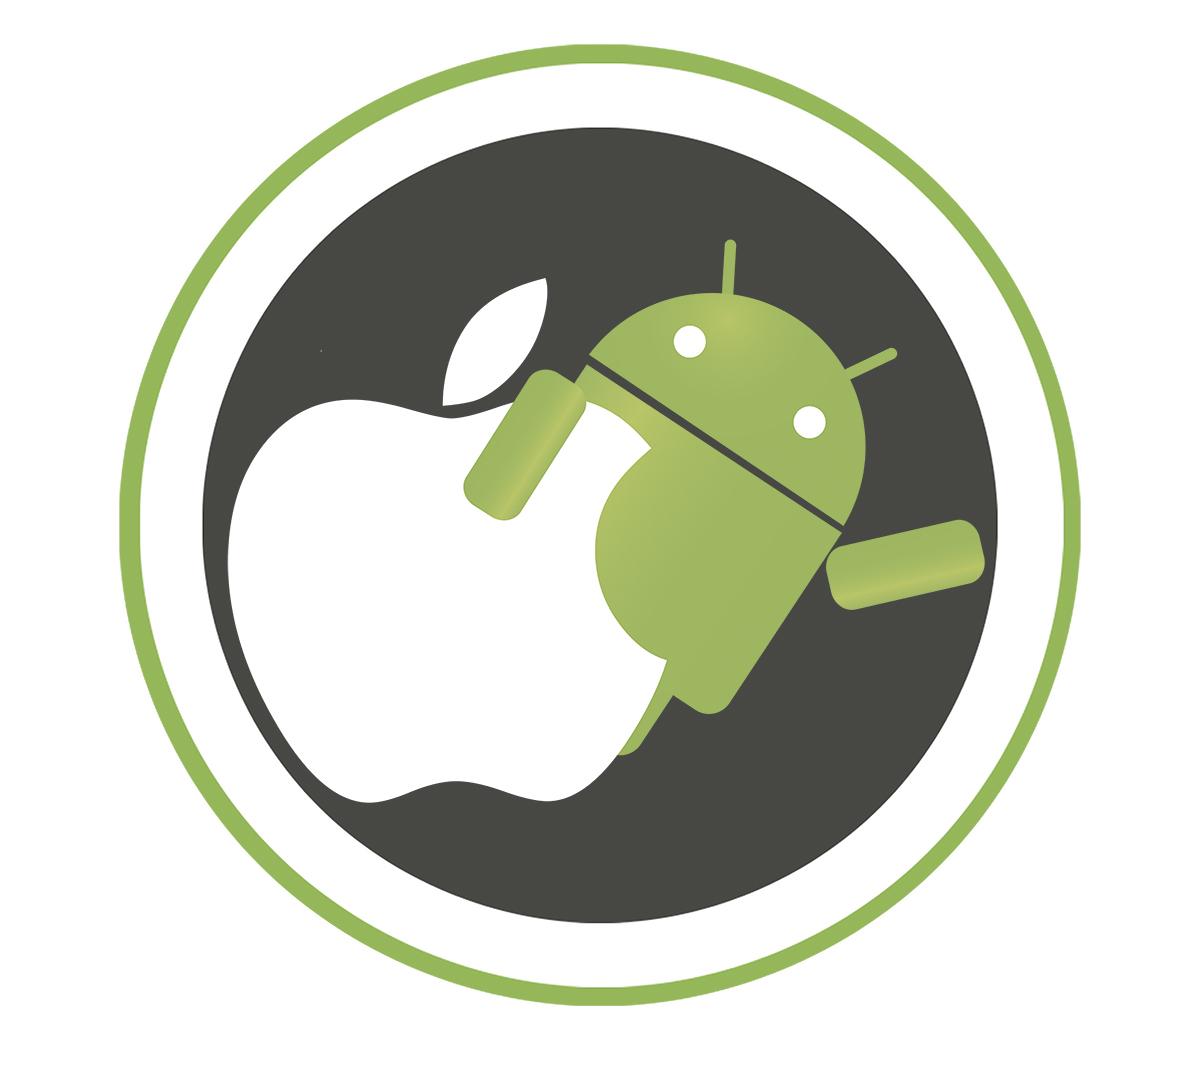 Ремонт и аксессуары для iPhone, Xiaomi, Huawei, Samsung со скидкой до 78%, бесплатная диагностика (0 руб).